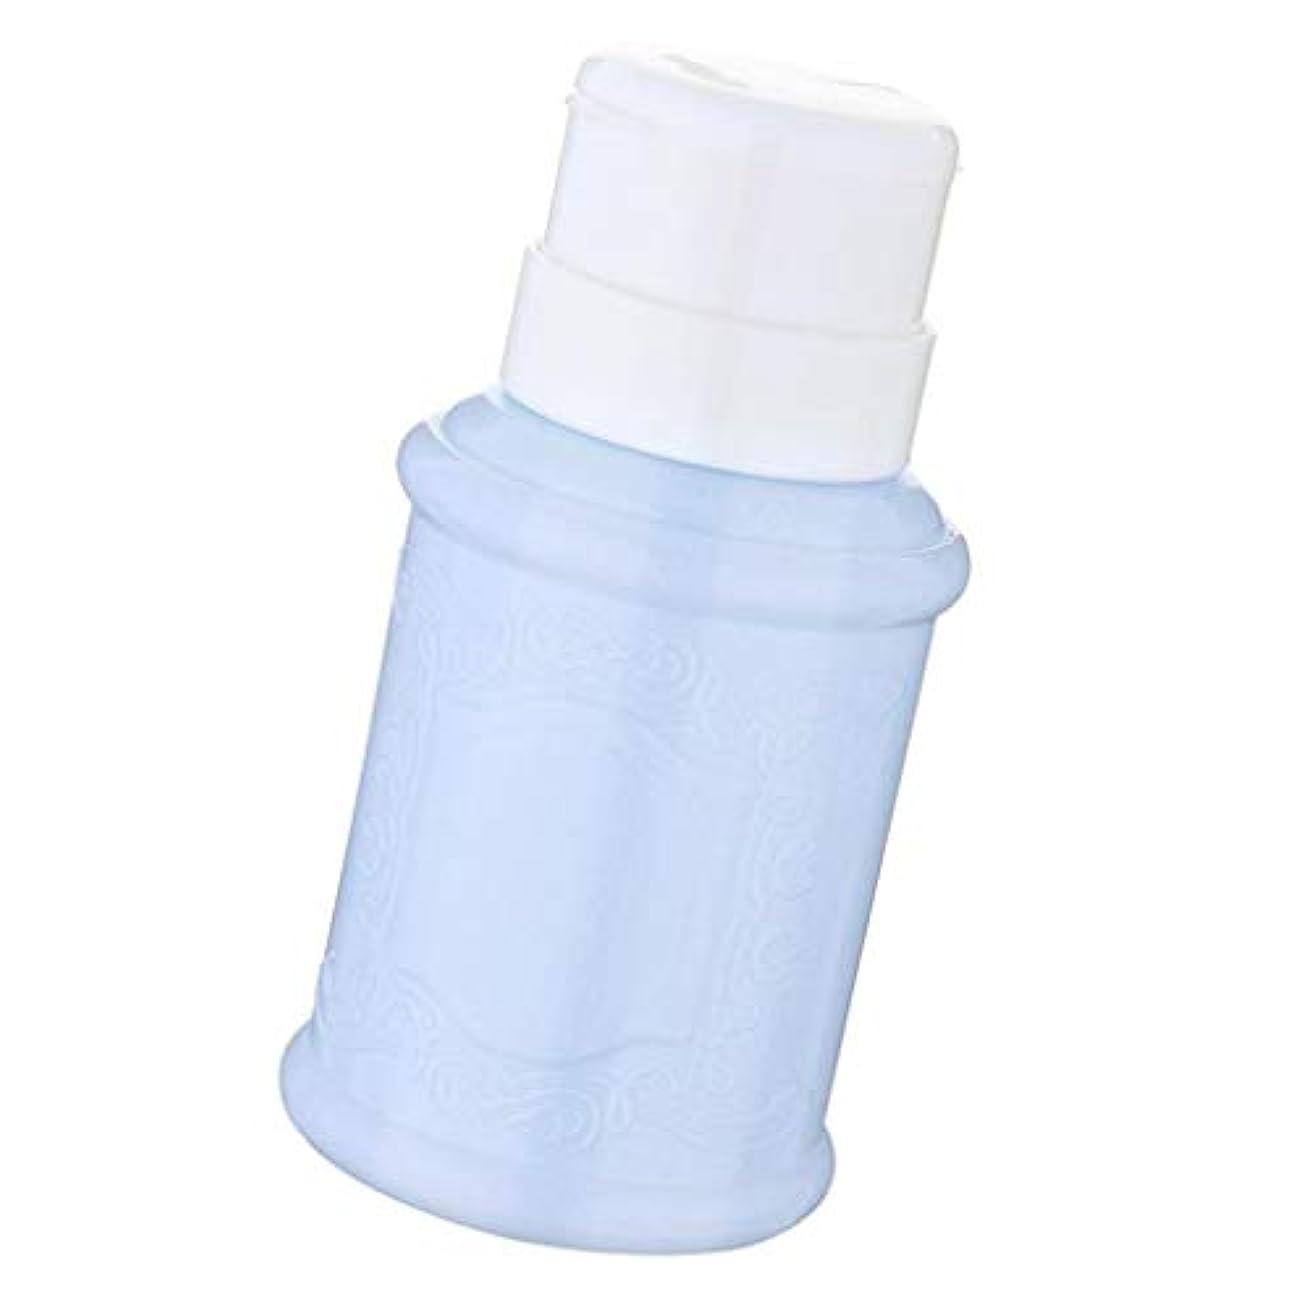 コットンプレミアムギャングスターPerfeclan 空ポンプボトル クリアポンプ ネイルクリーナーボトル ポンプディスペンサー ジェルクリーナー 全3色 - 青